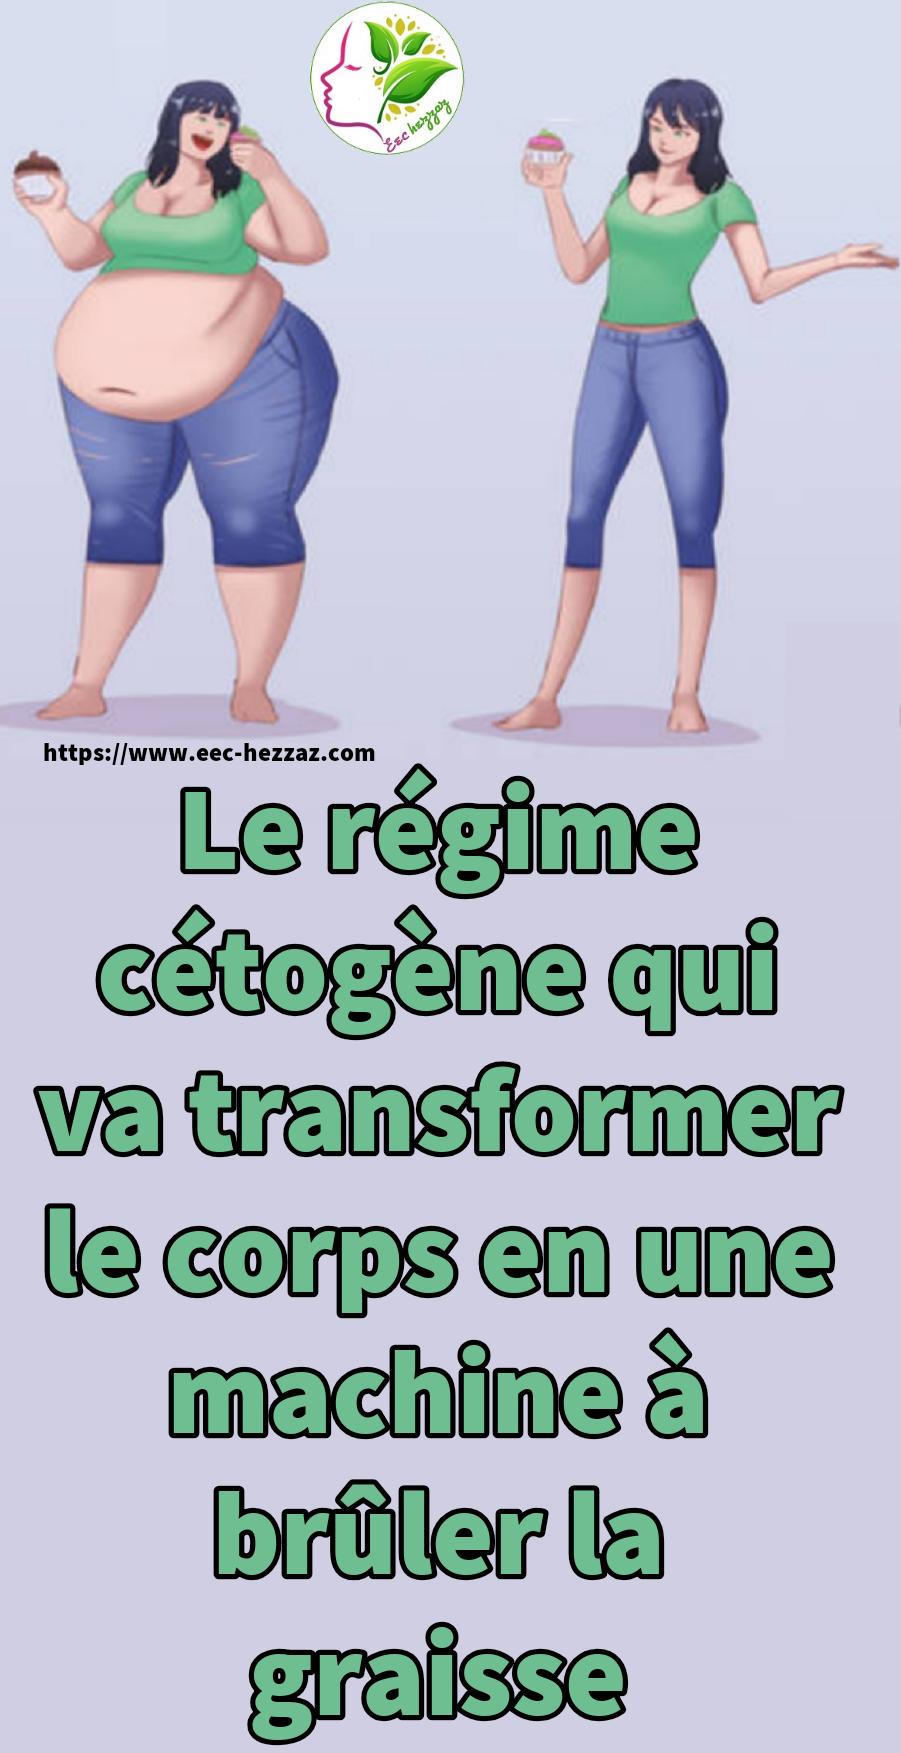 Le régime cétogène qui va transformer le corps en une machine à brûler la graisse